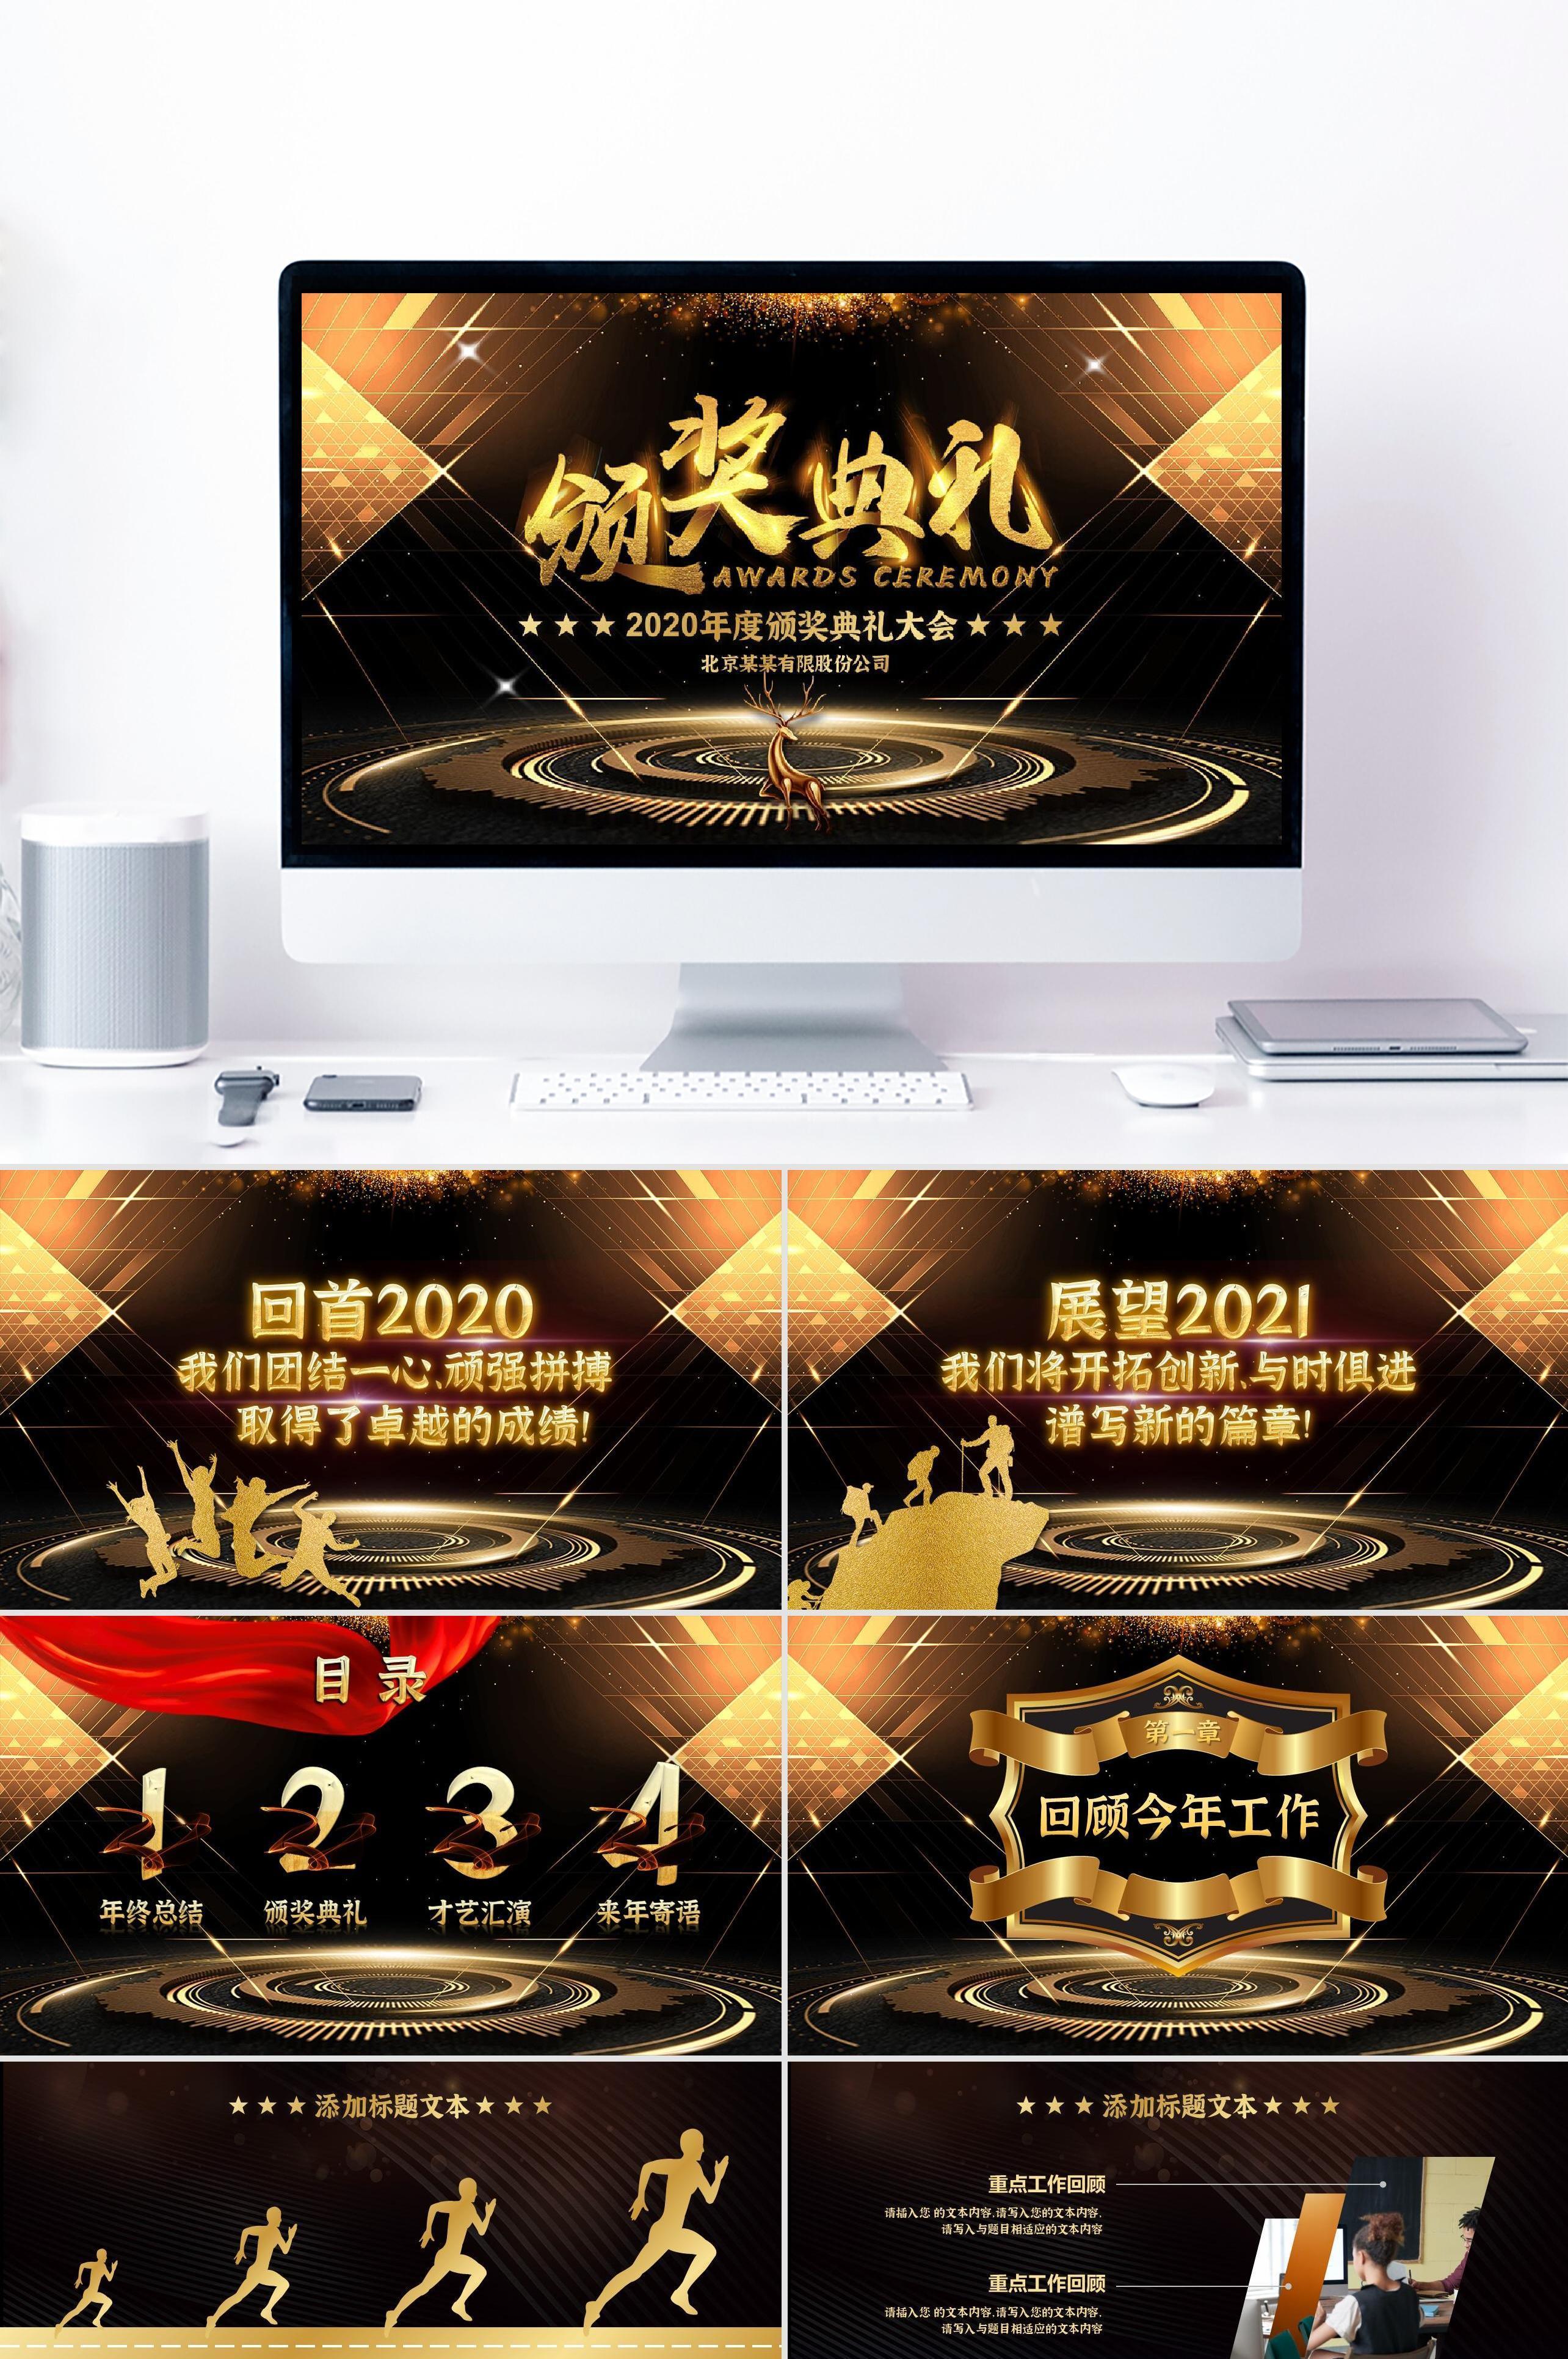 黑金风格炫酷企业年会颁奖典礼PPT模板